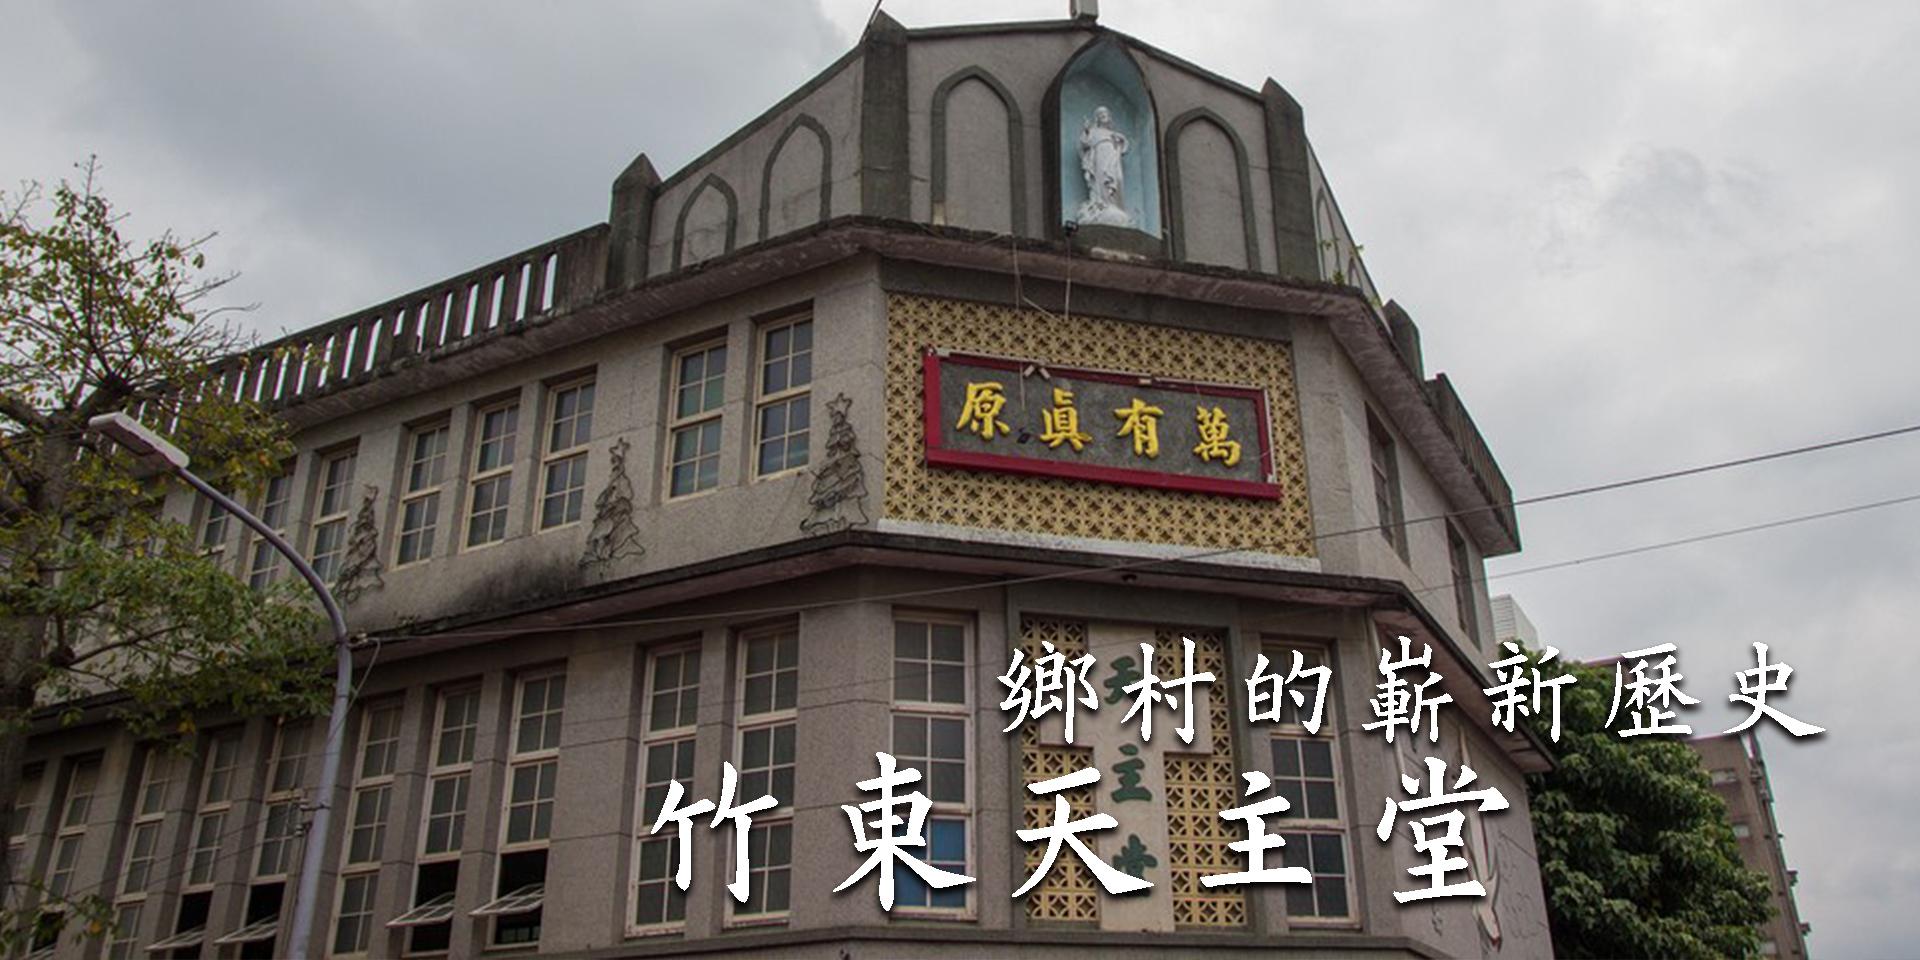 [教會介紹]新時代新事物新福音——竹東天主堂